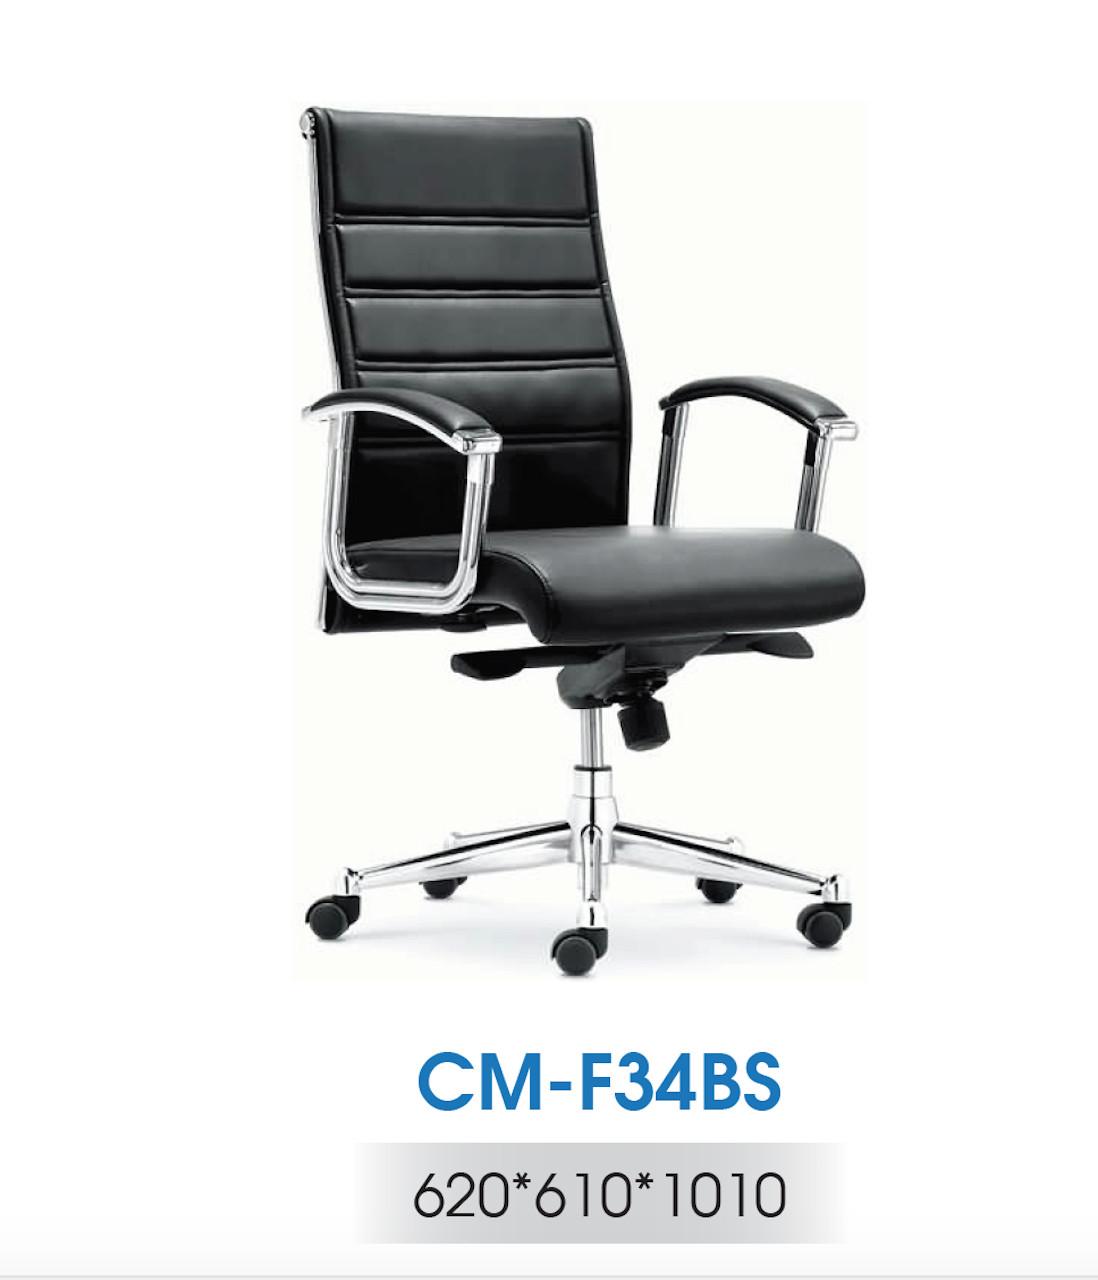 Ghế giám đốc nhập khẩu hàng cao cấp AMA-CM-F34BS (ĐEN/KEM)